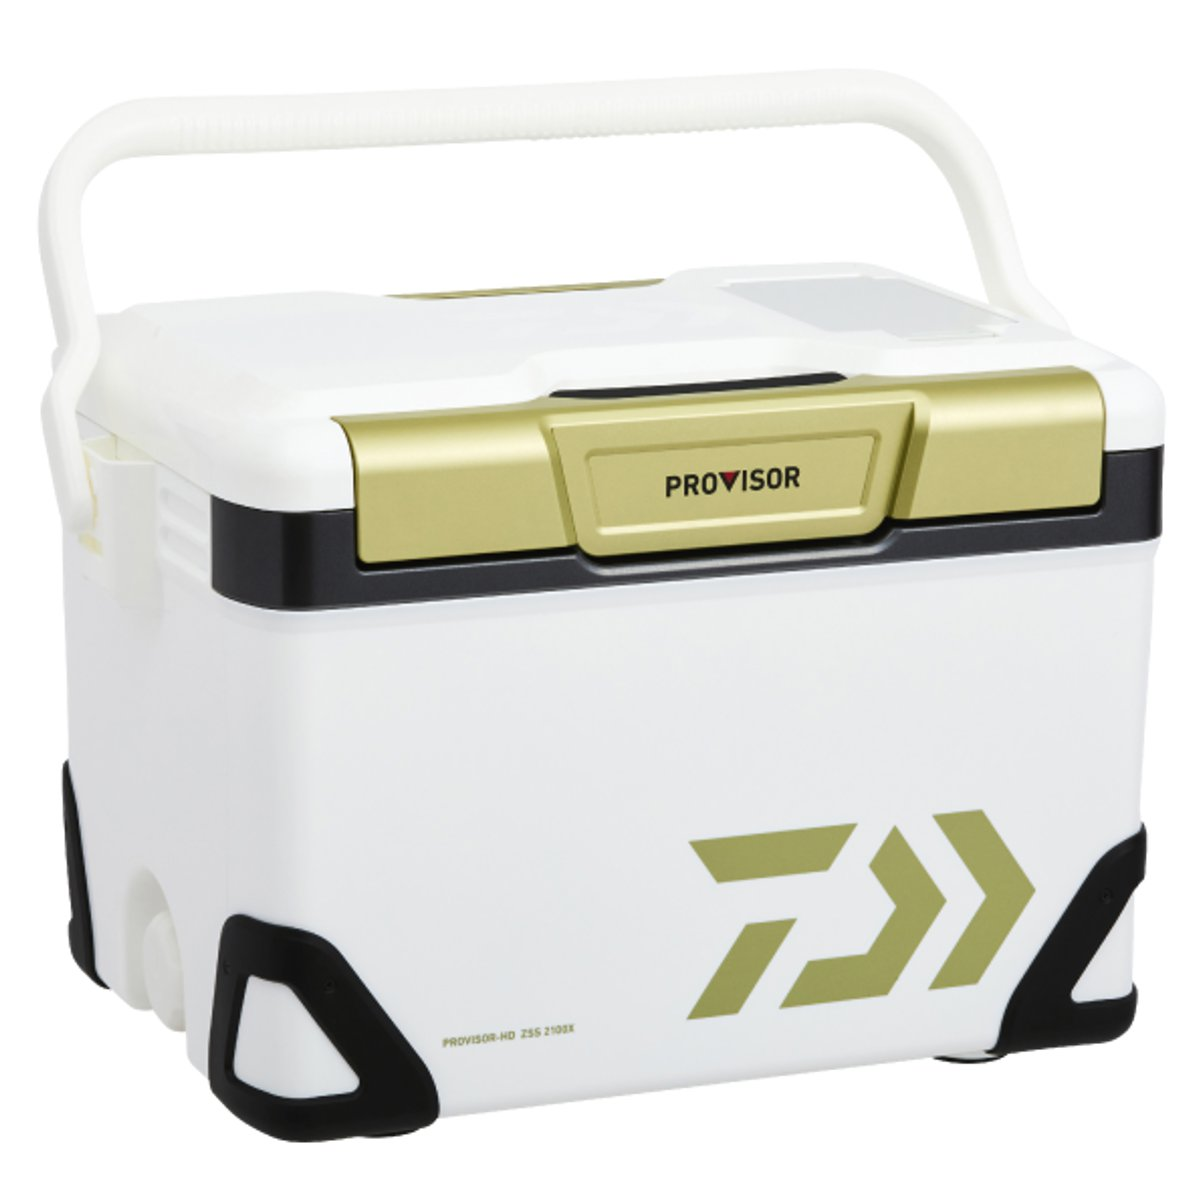 ダイワ プロバイザー HD ZSS 2100X シャンパンゴールド クーラーボックス【送料無料】